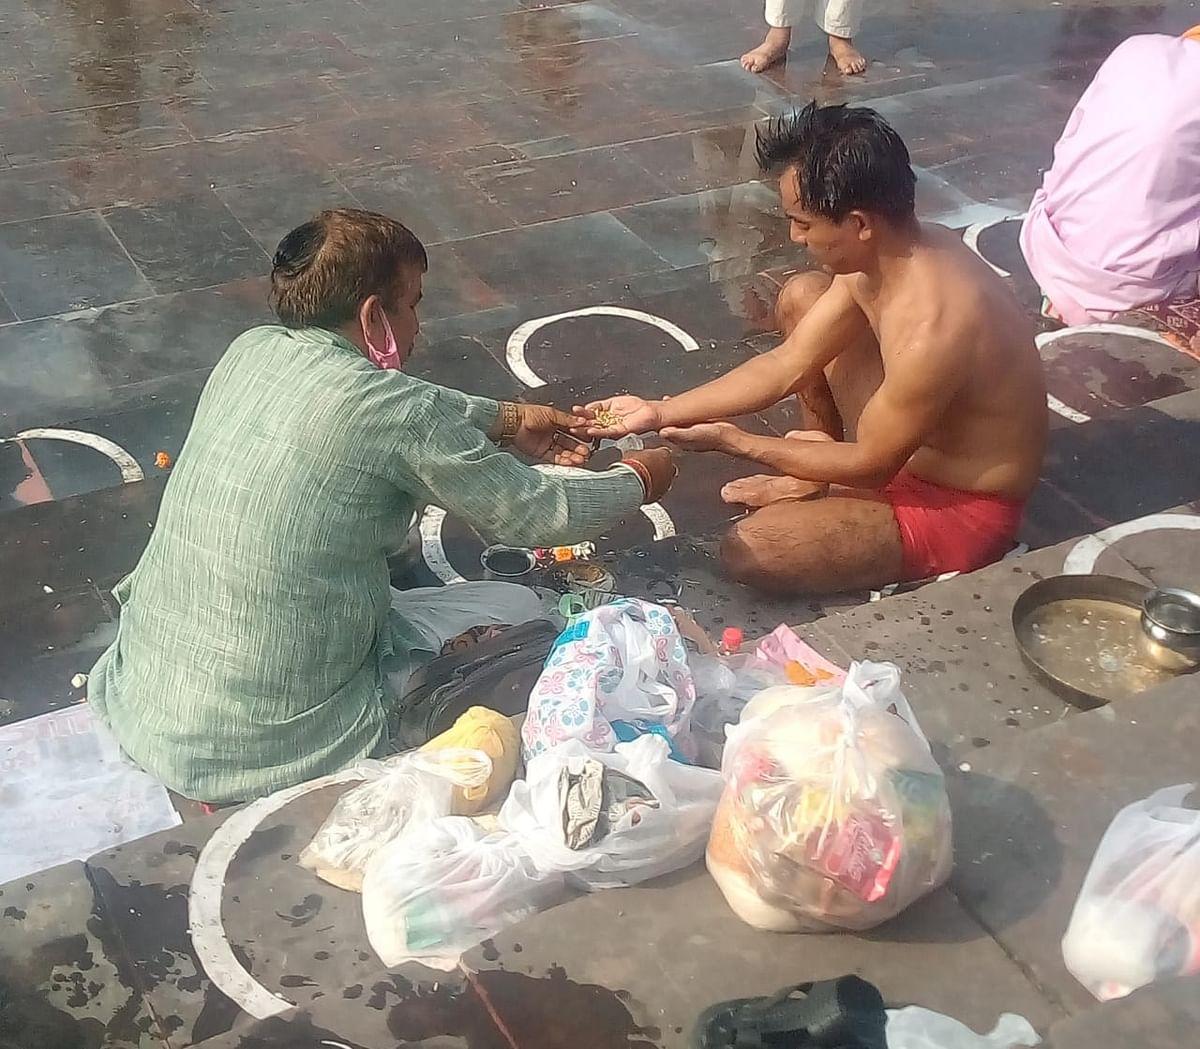 सर्व पितृ अमावस्या पर देश के विभिन्न प्रांतों से आए हजारों श्रद्धालुओं ने त्रिवेणी घाट पर तर्पण से किया पितरों को तृप्त